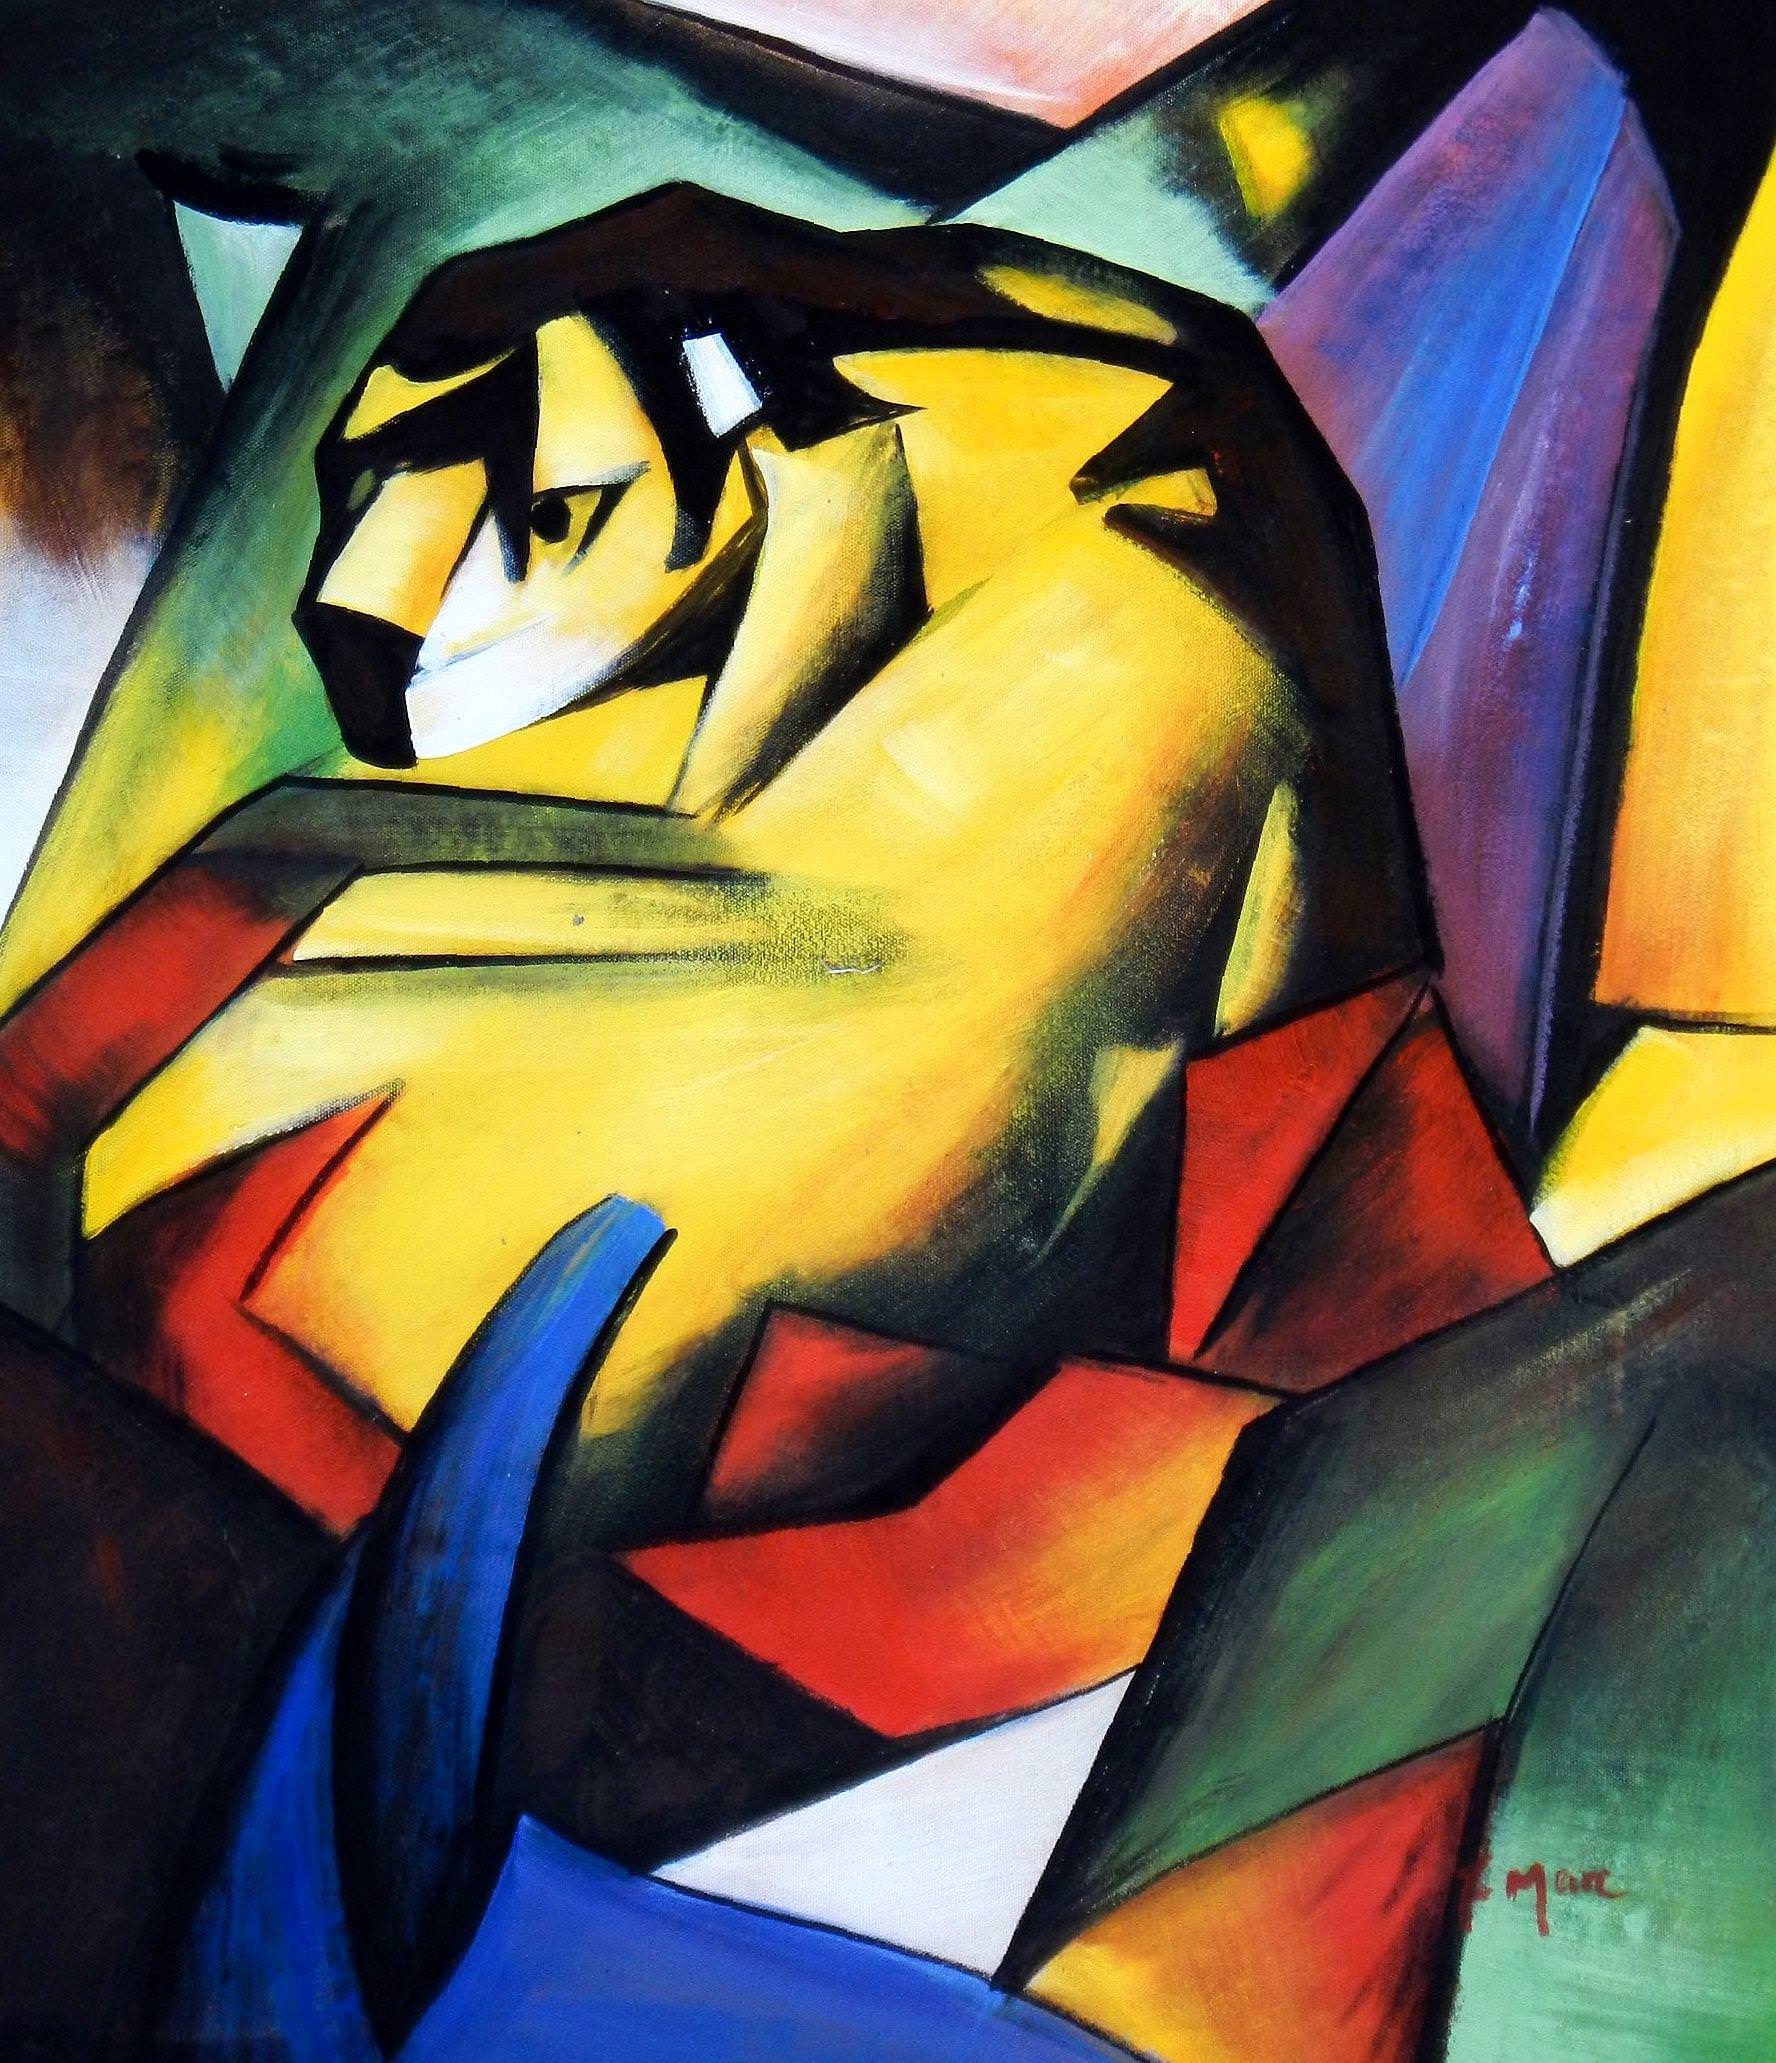 Franz Marc - Der Tiger c93894 50x60cm Expressionismus Ölgemälde handgemalt